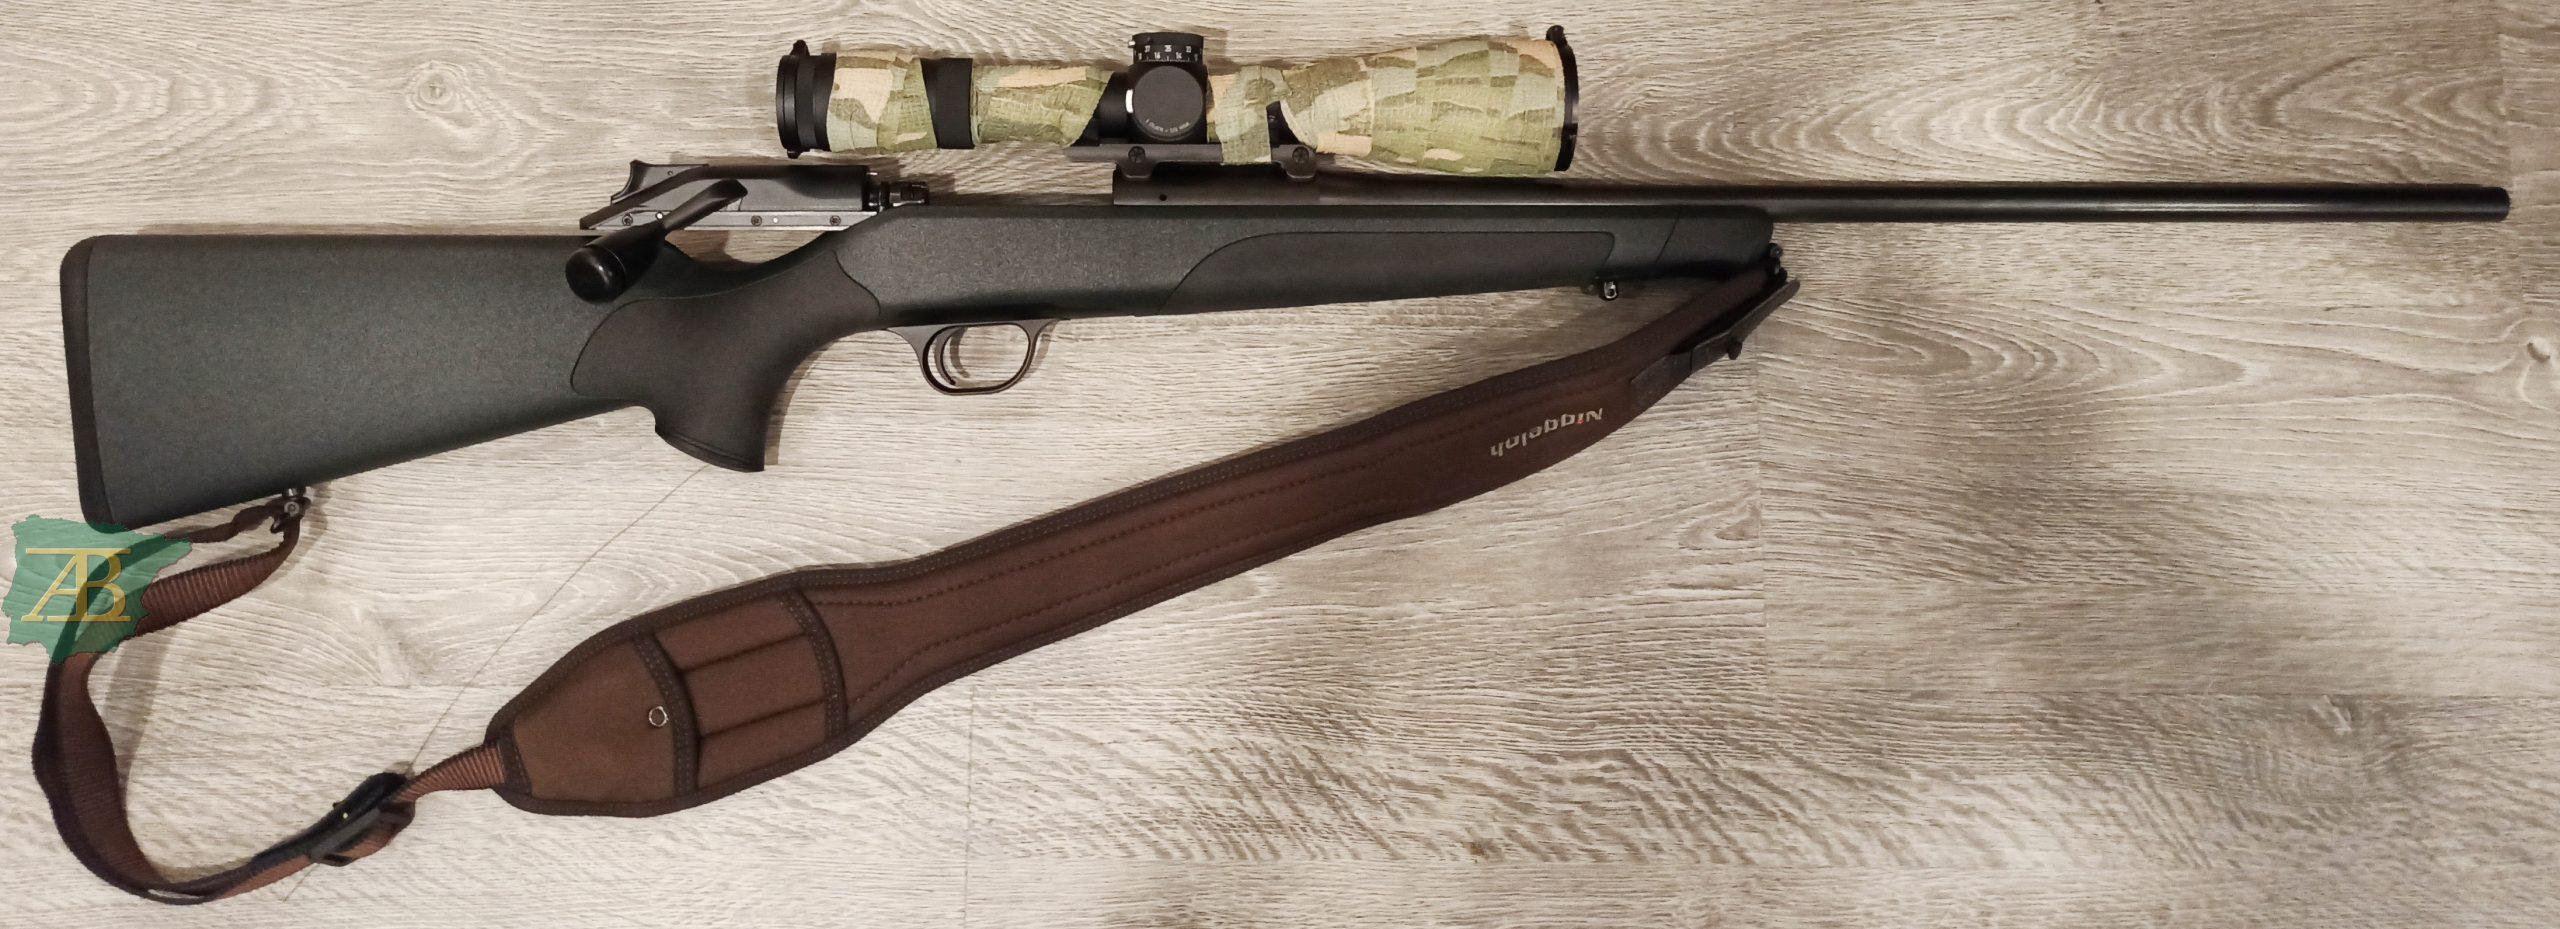 Rifles De Cerrojo De Segunda Mano Armería Ibérica